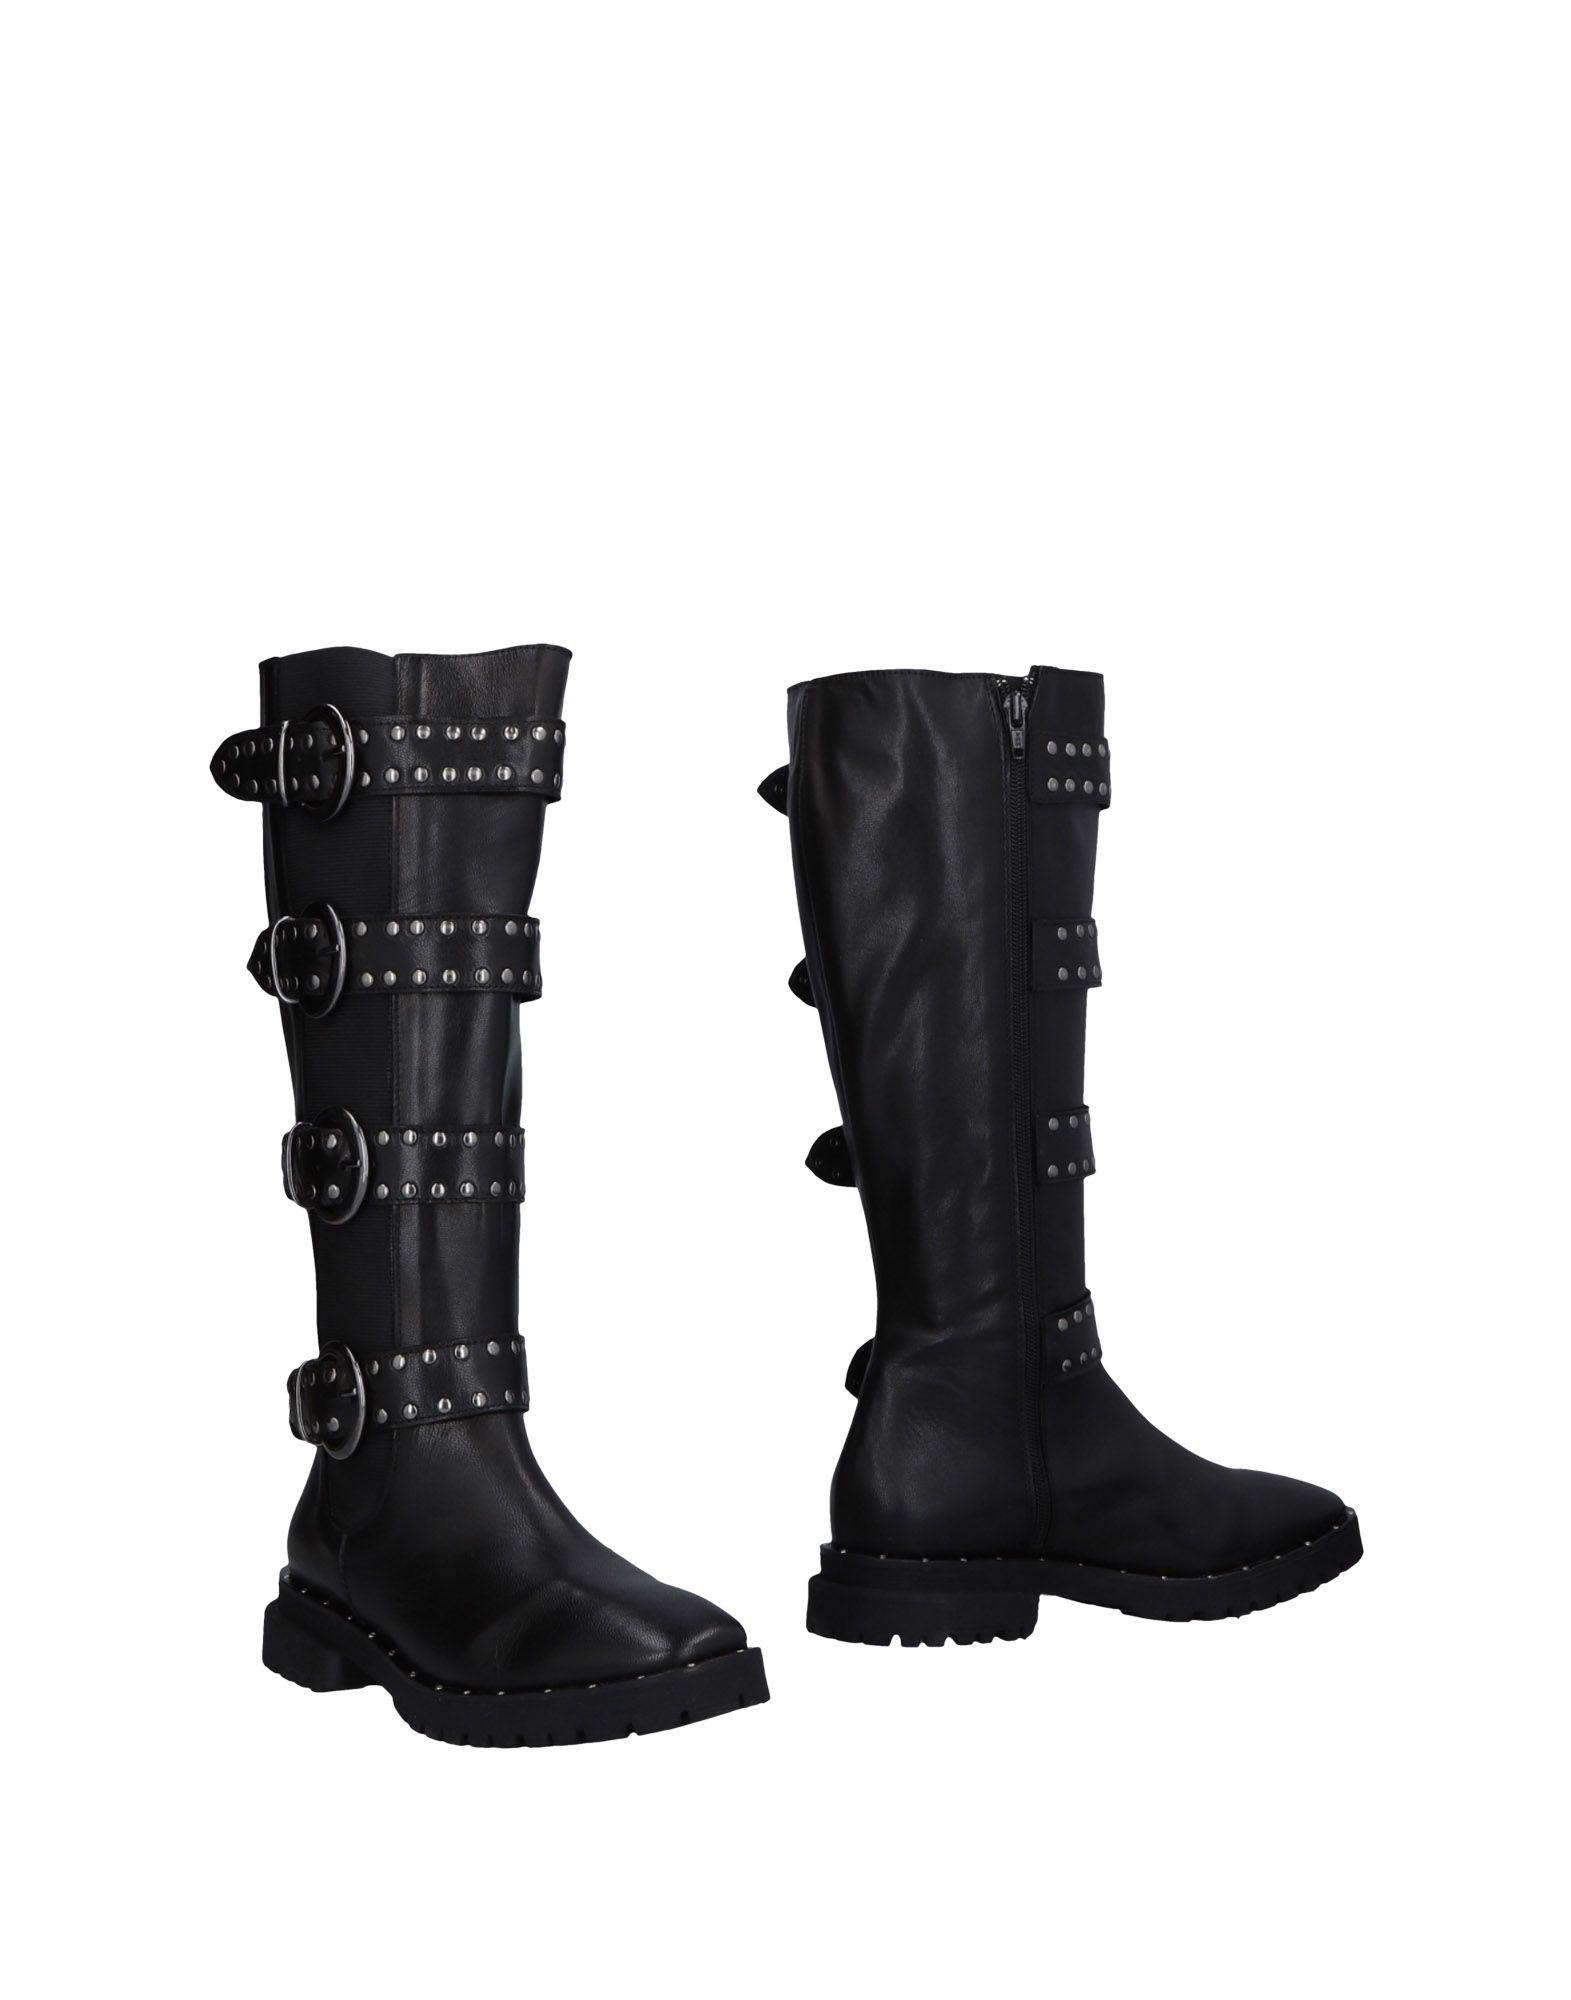 Moda Stivali Stivali Moda Unlace Donna - 11475350UH 058ffc